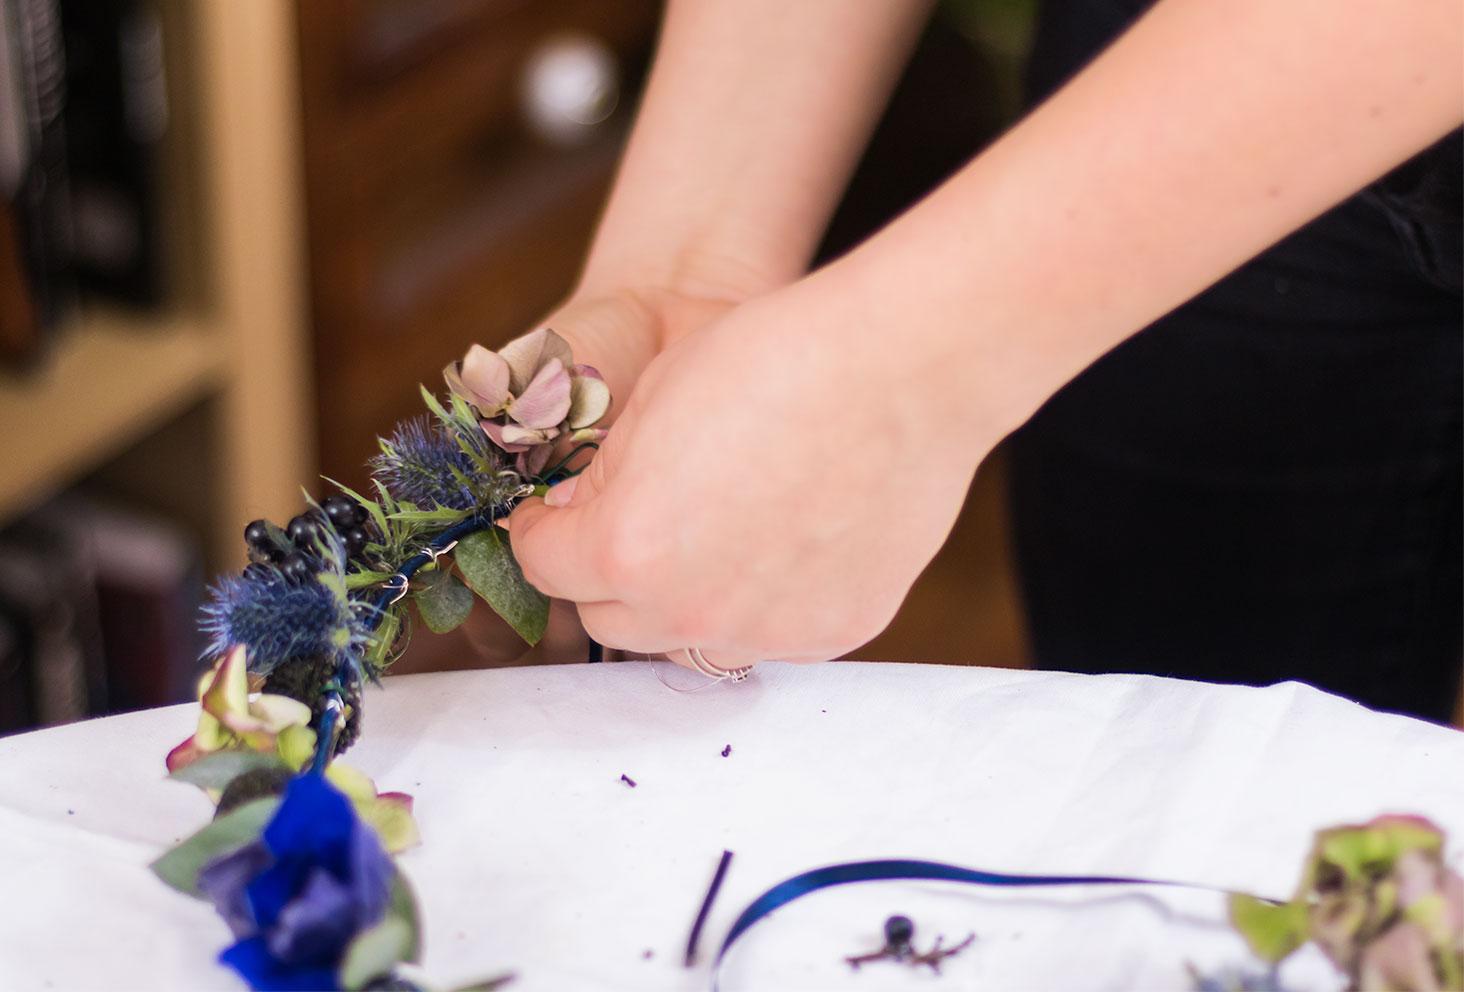 Attache d'une hortensia sur la couronne de fleurs